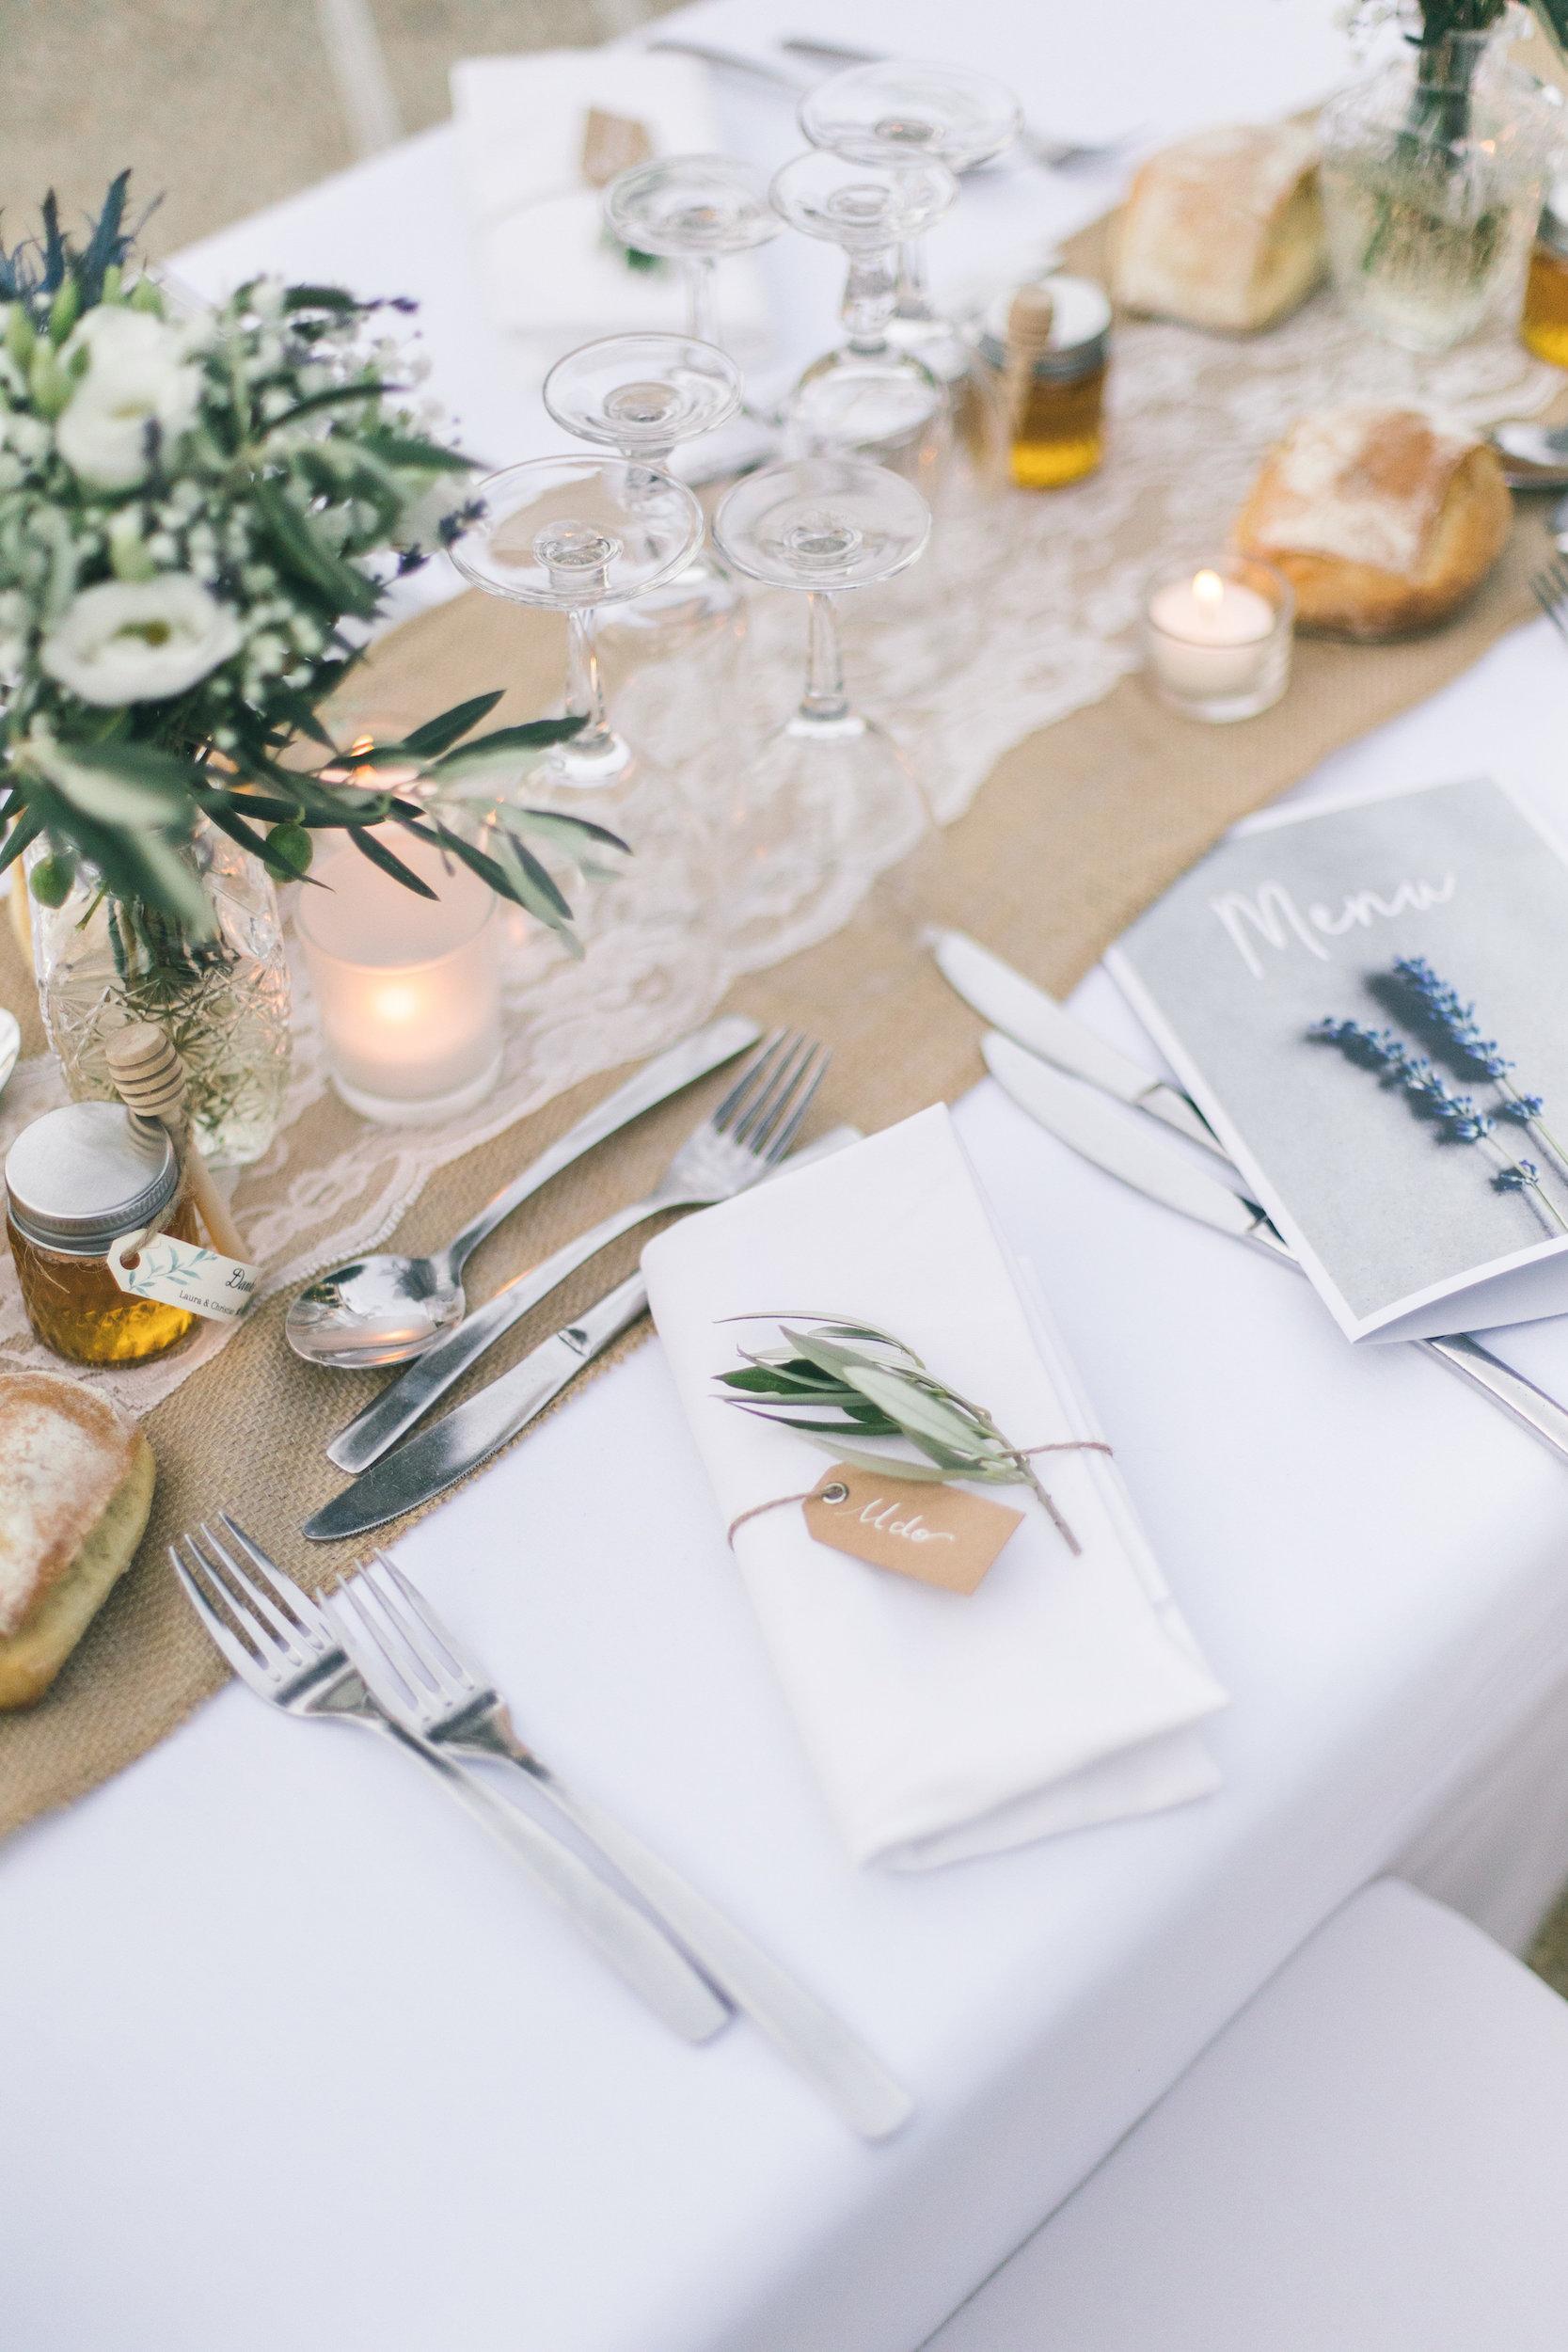 le coeur dans les etoiles - wedding planner - gard - provence - mariage provence - L&C - sebastien cabanes - decoration serviette